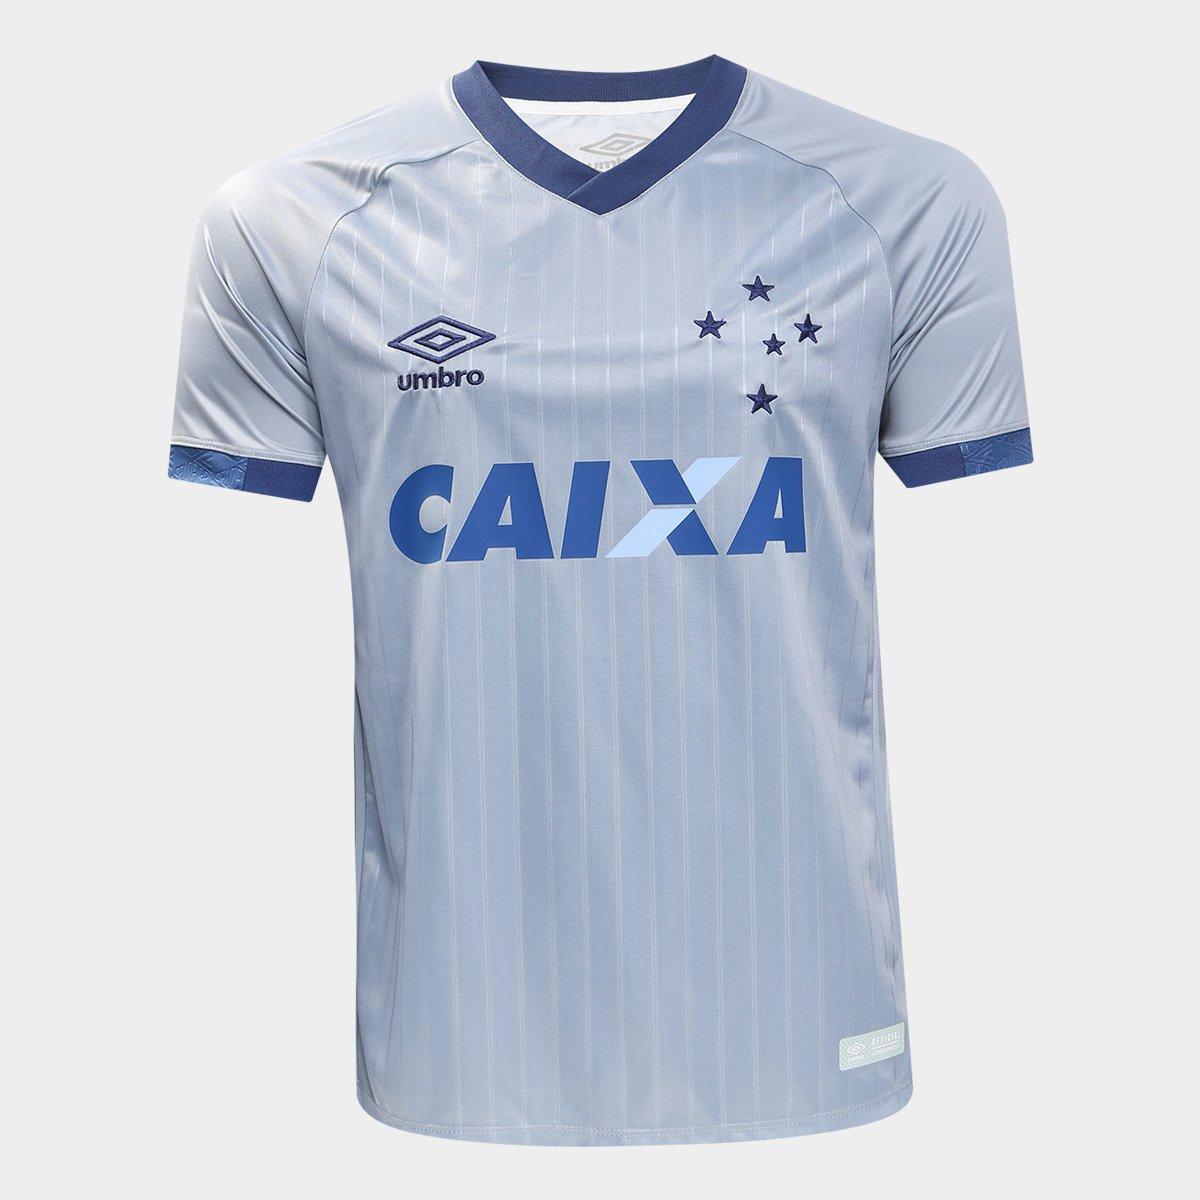 Camisa Cruzeiro III 18 19 s n - Torcedor Umbro Masculina - Marinho e ... 506f13930e17c